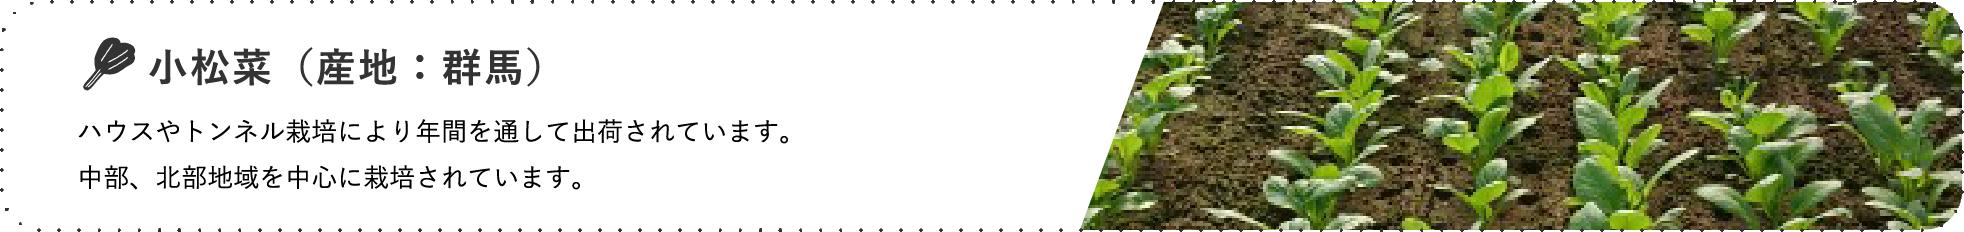 小松菜(産地:群馬) / ハウスやトンネル栽培により年間を通して出荷されています。 中部、北部地域を中心に栽培されています。